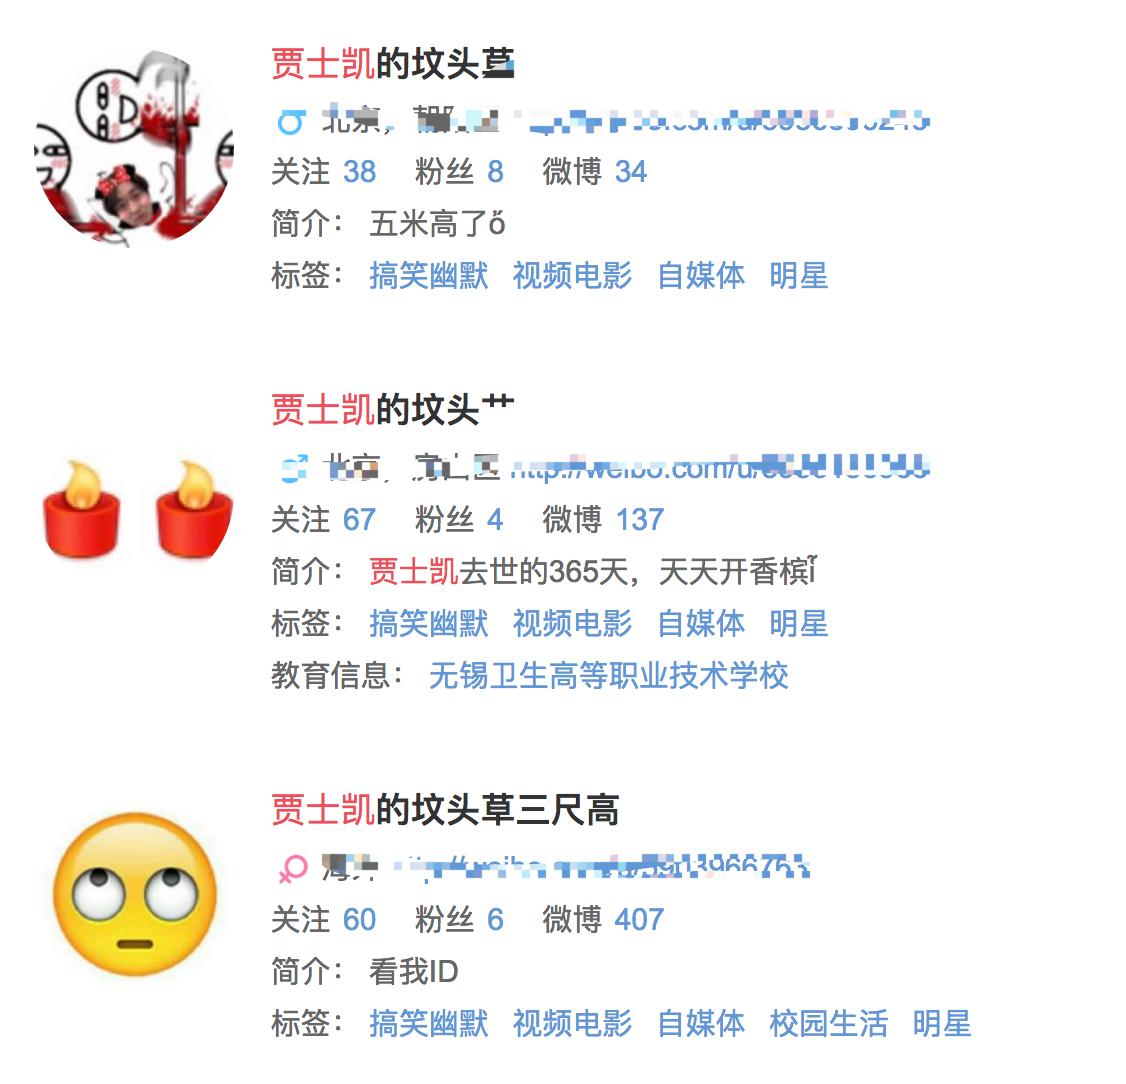 """杨幂的嘉行传媒估值50亿,效仿者杨洋与其差了多少个""""三生三世""""?"""